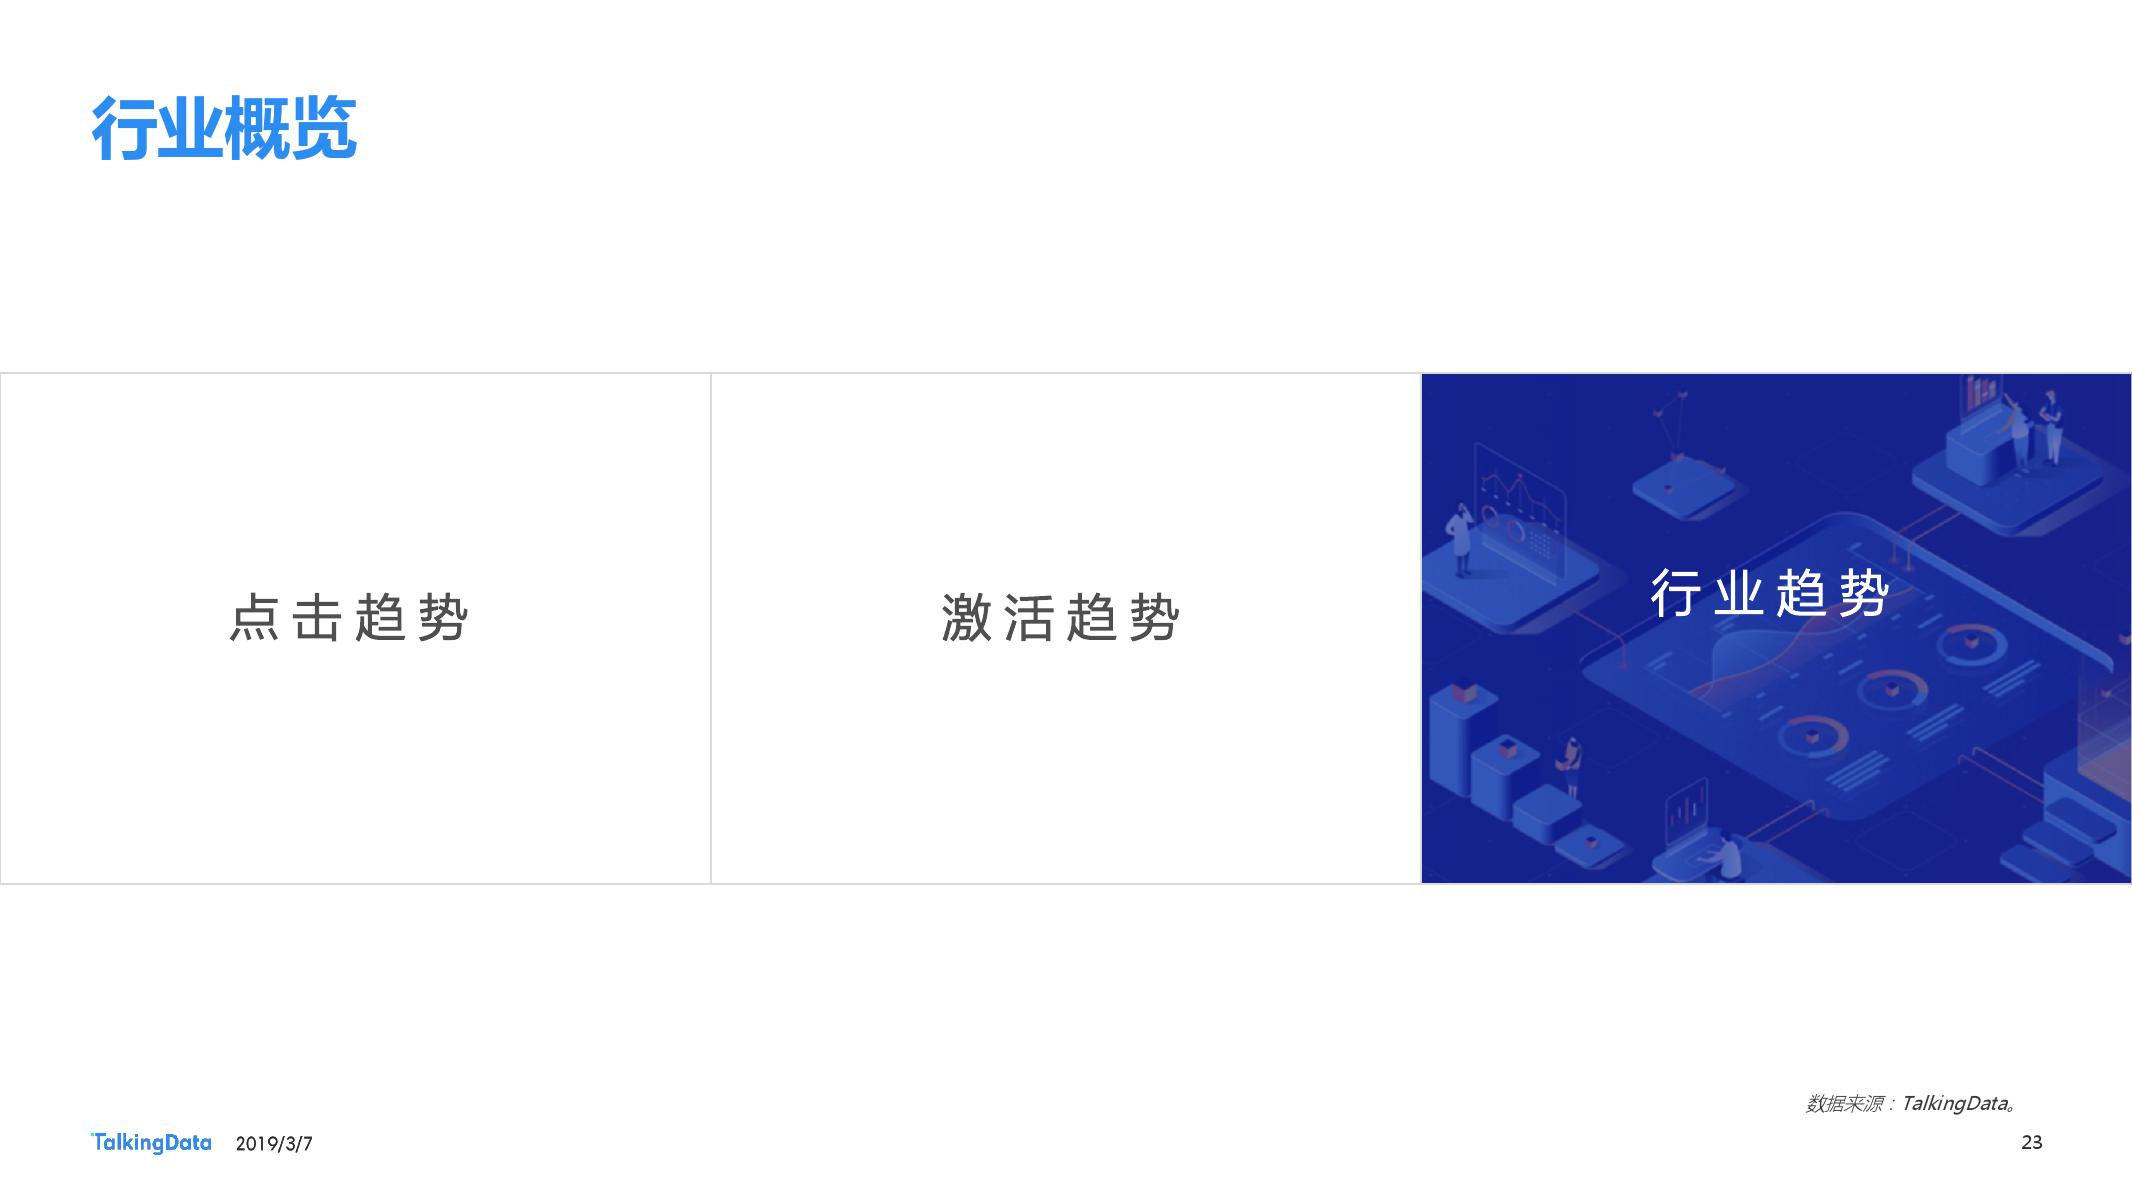 TalkingData:2018移动广告行业报告-CNMOAD 中文移动营销资讯 23